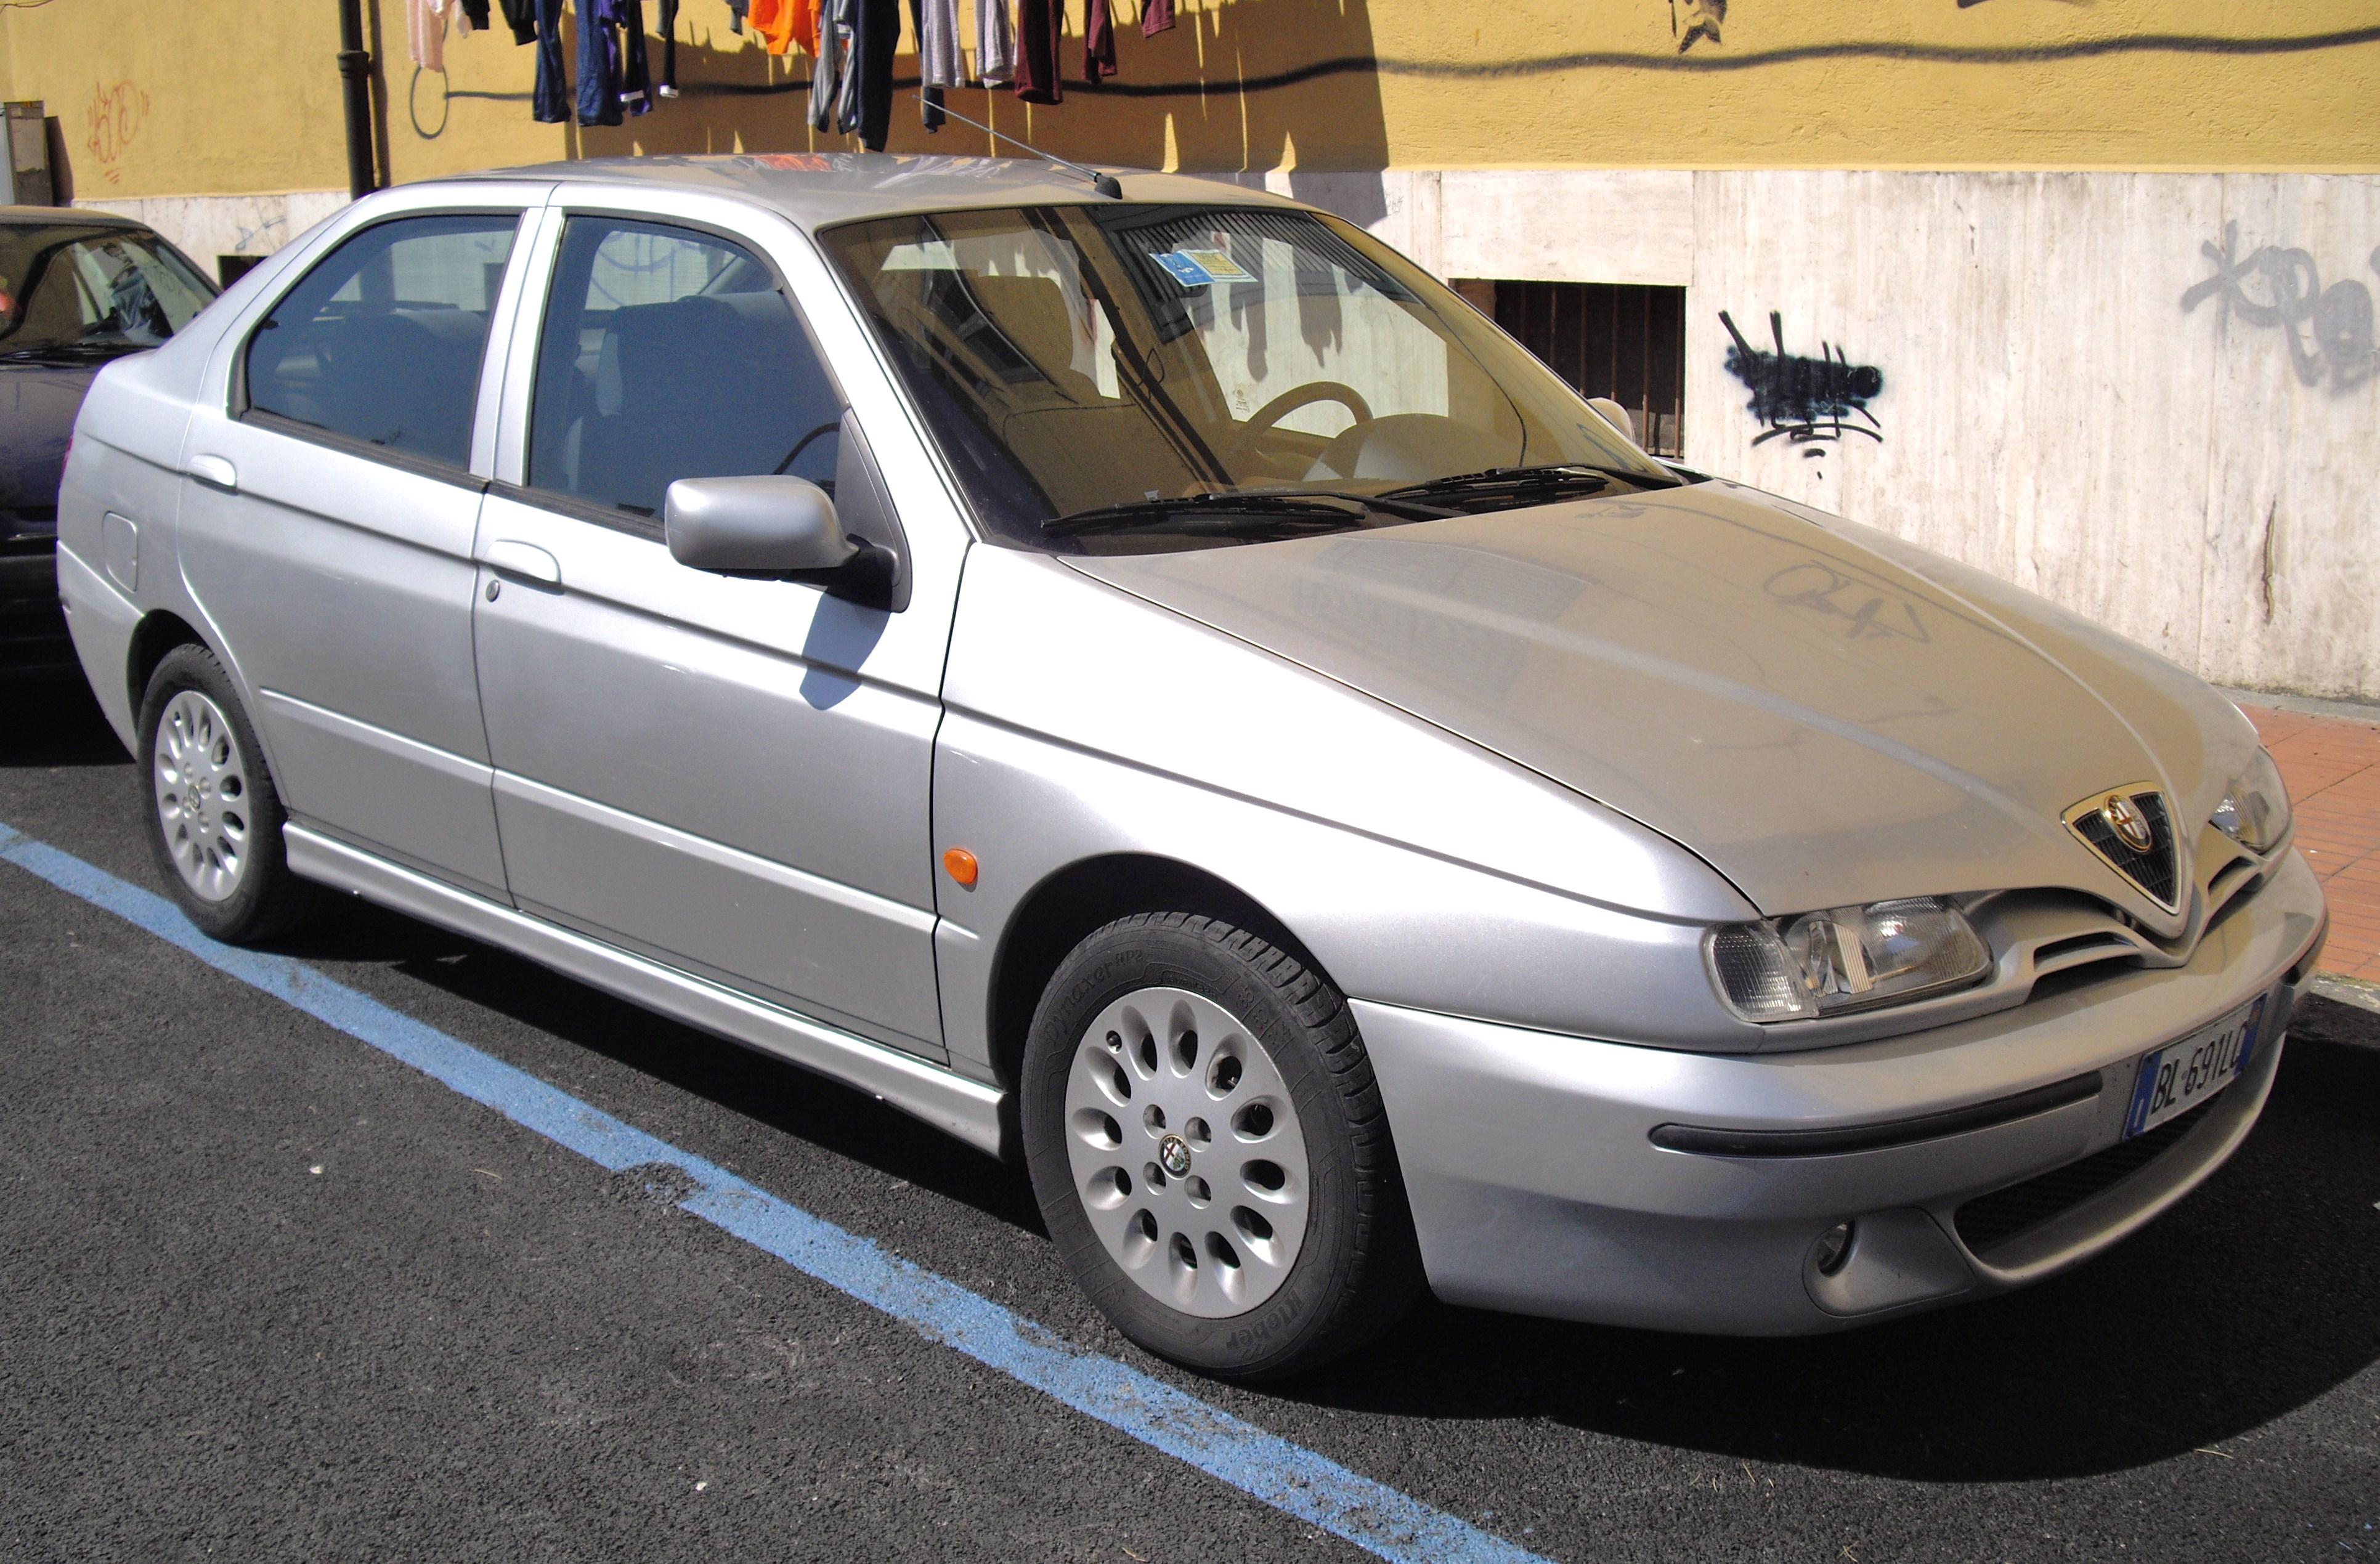 File:1999 Alfa Romeo 146.JPG